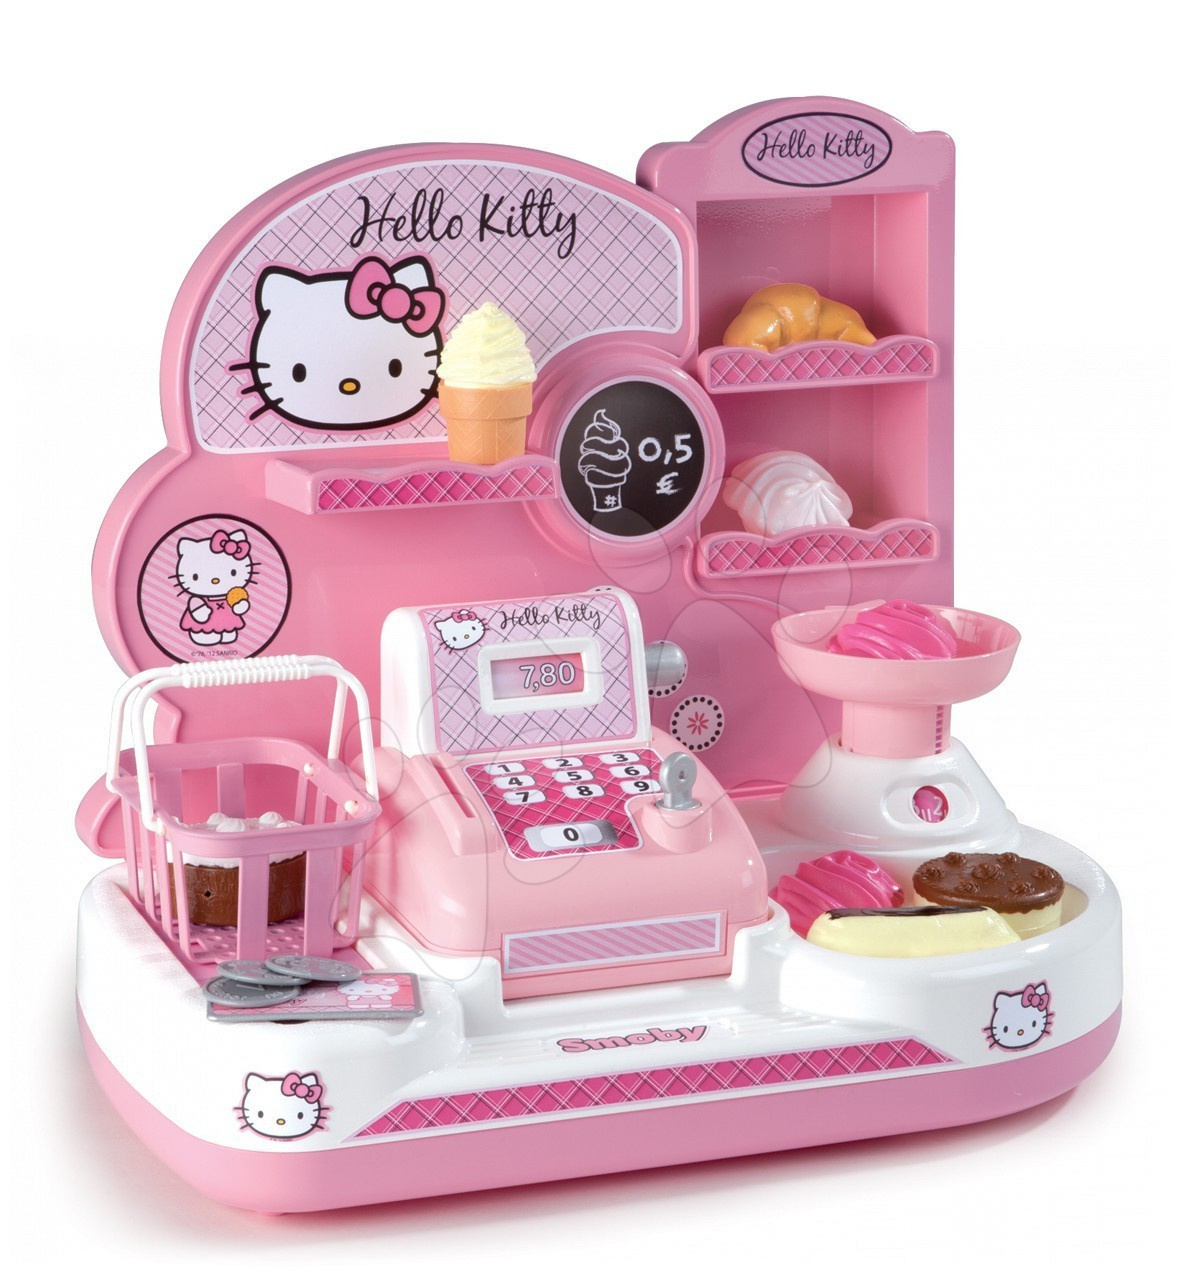 Obchod Hello Kitty Smoby s pokladňou a 16 doplnkami